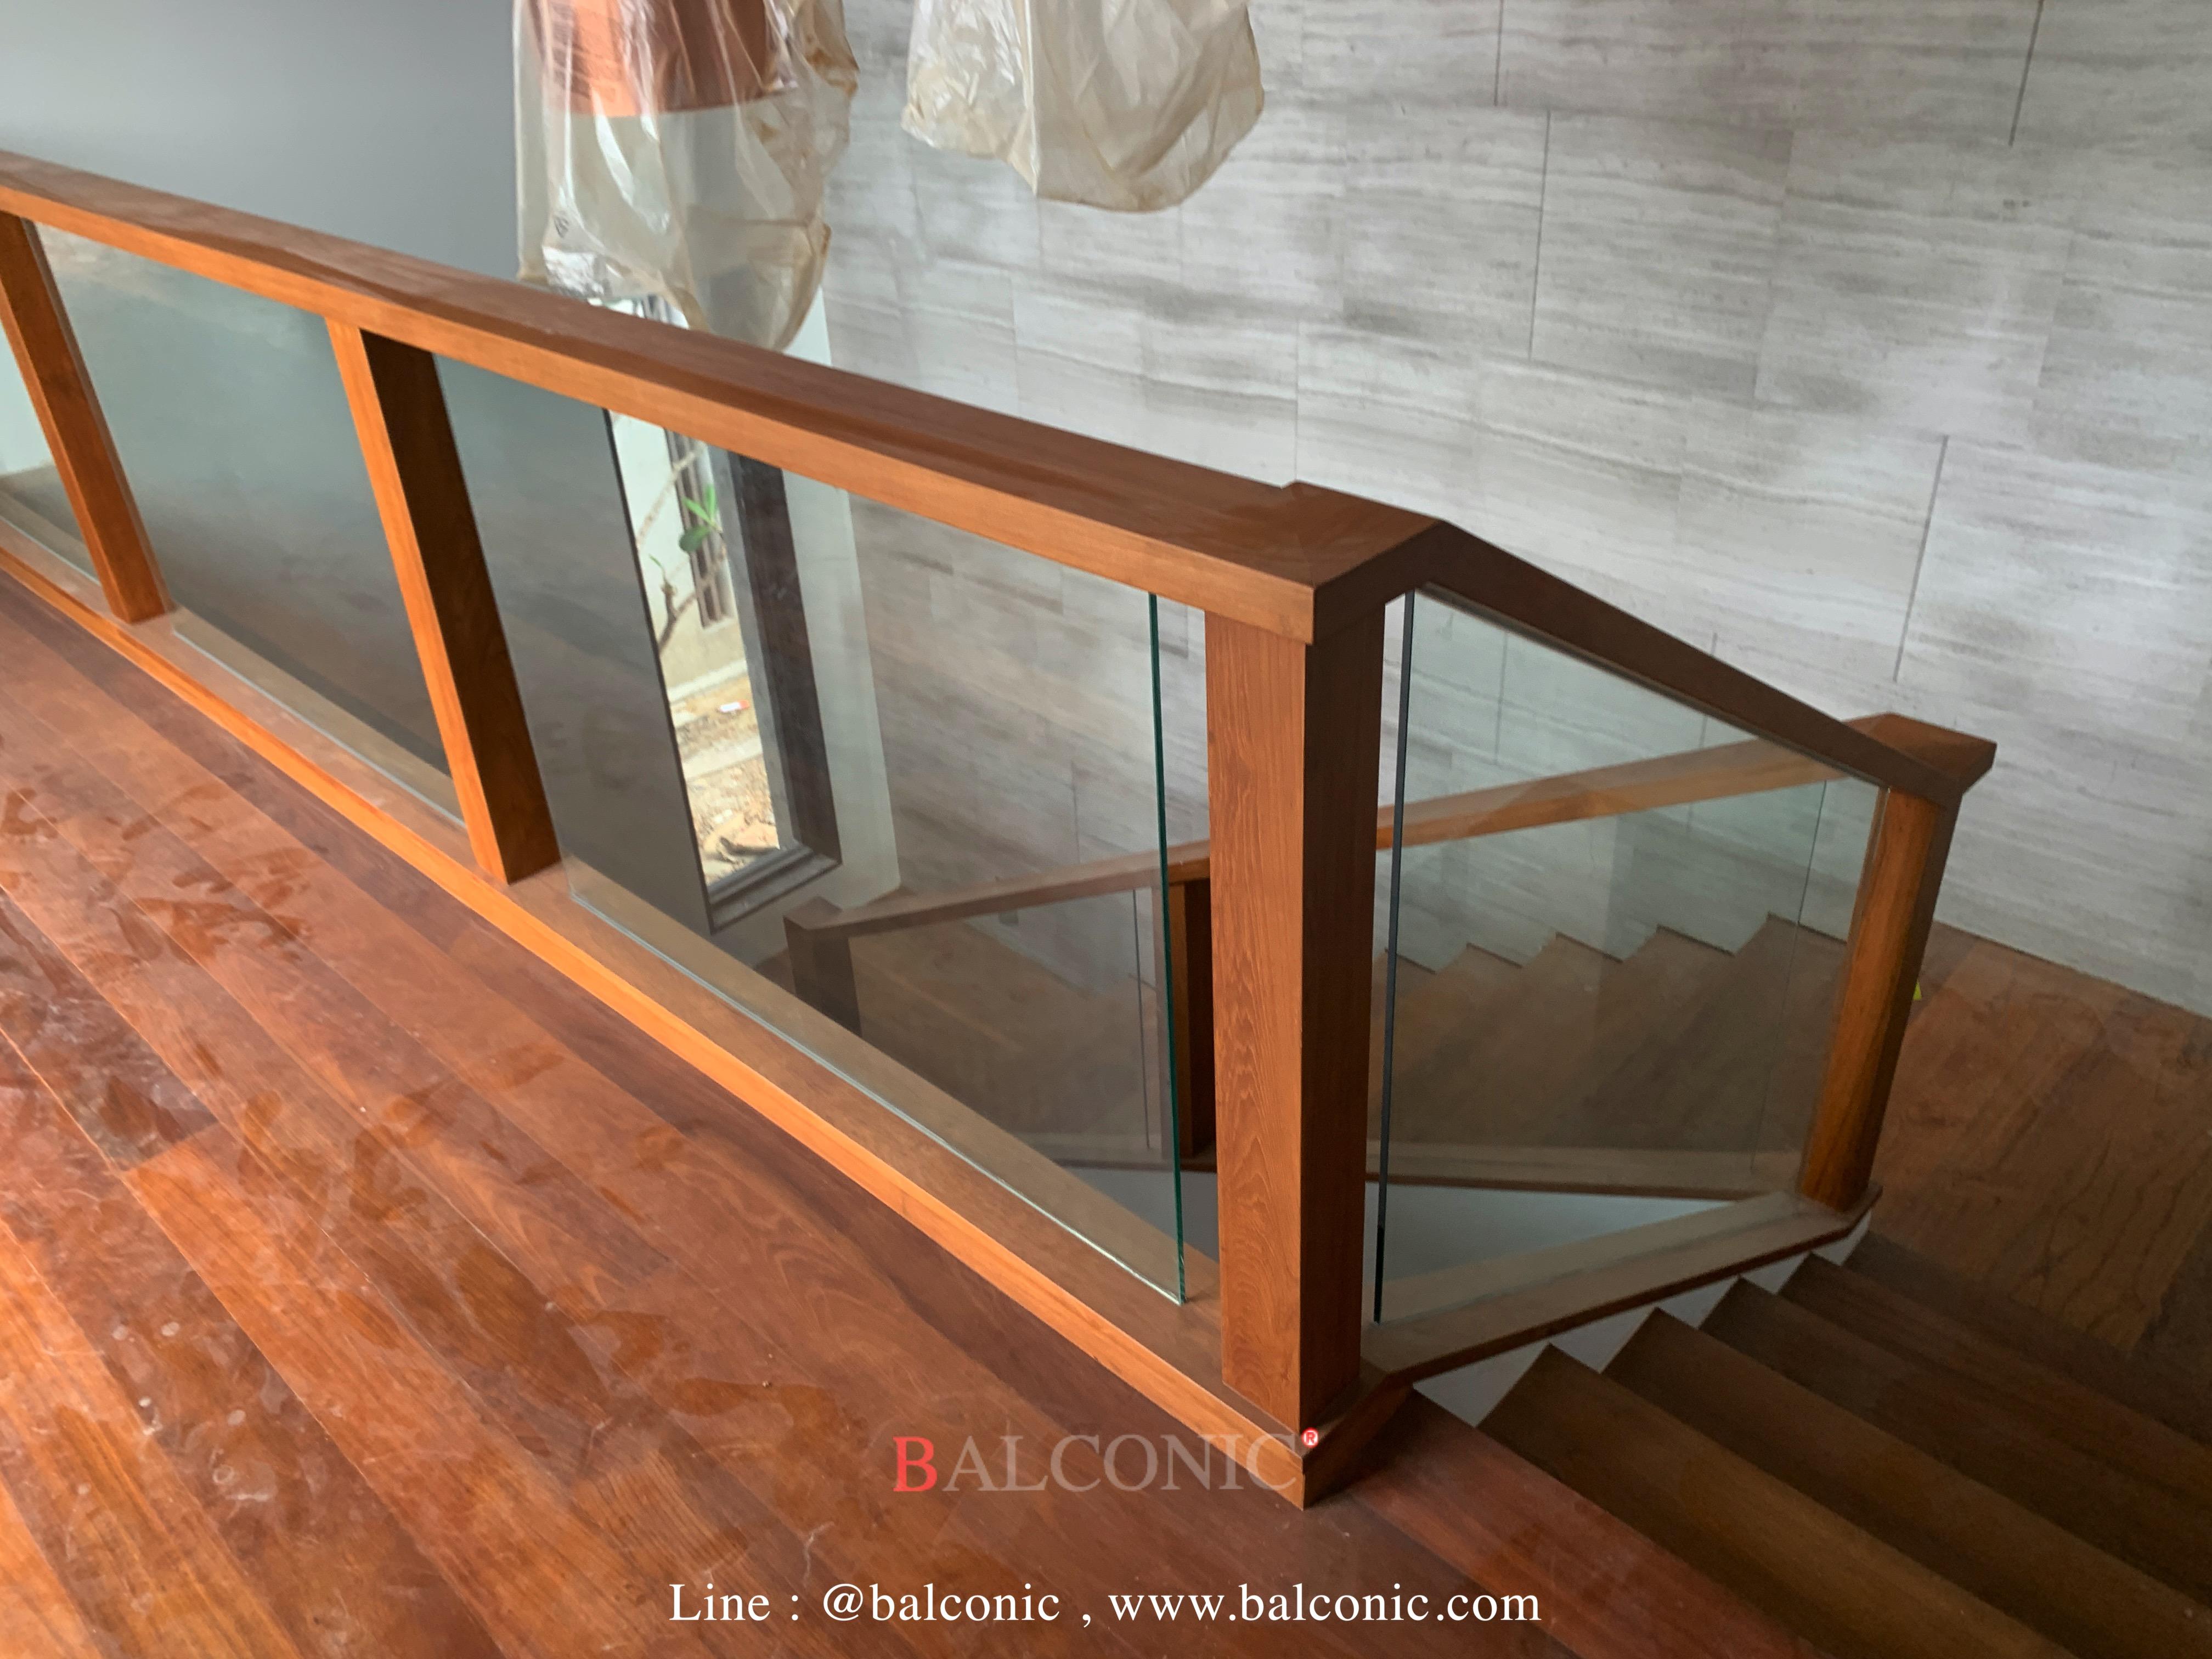 ราวบันได ไม้สัก ราวกันตก กระจก balconic